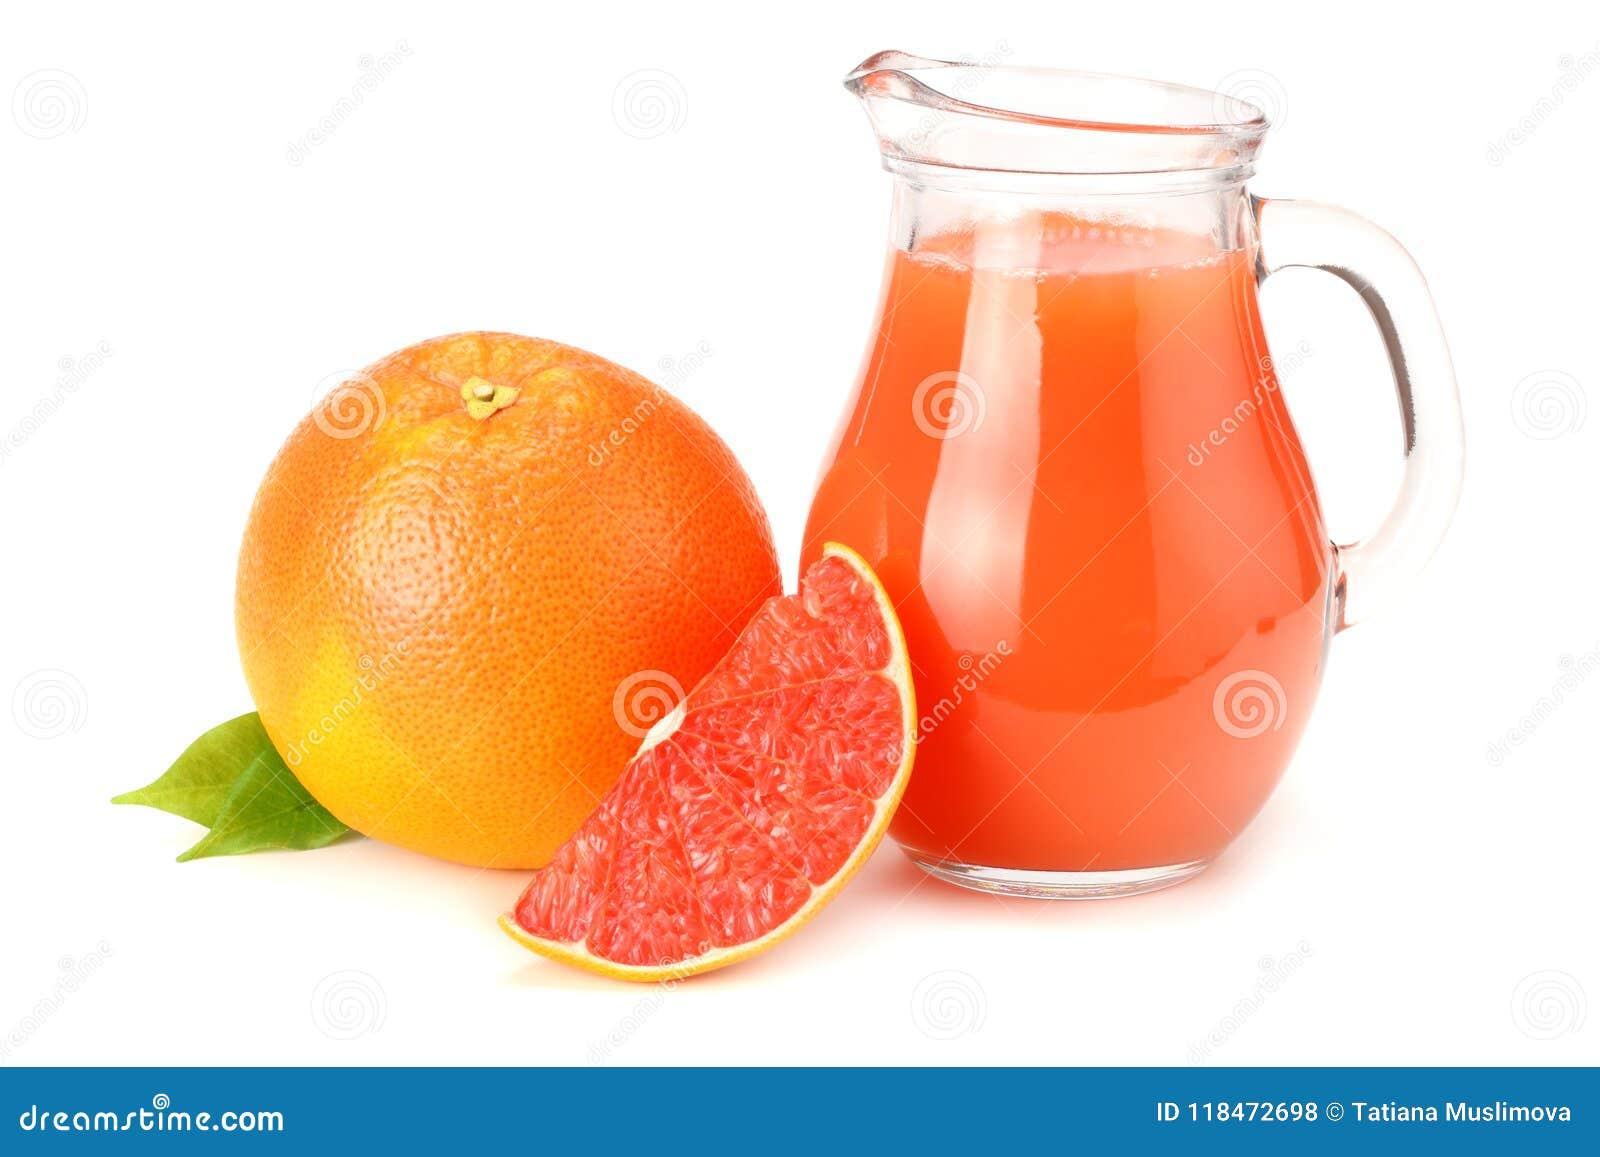 Alimento sano succo di pompelmo con il pompelmo affettato isolato su fondo bianco